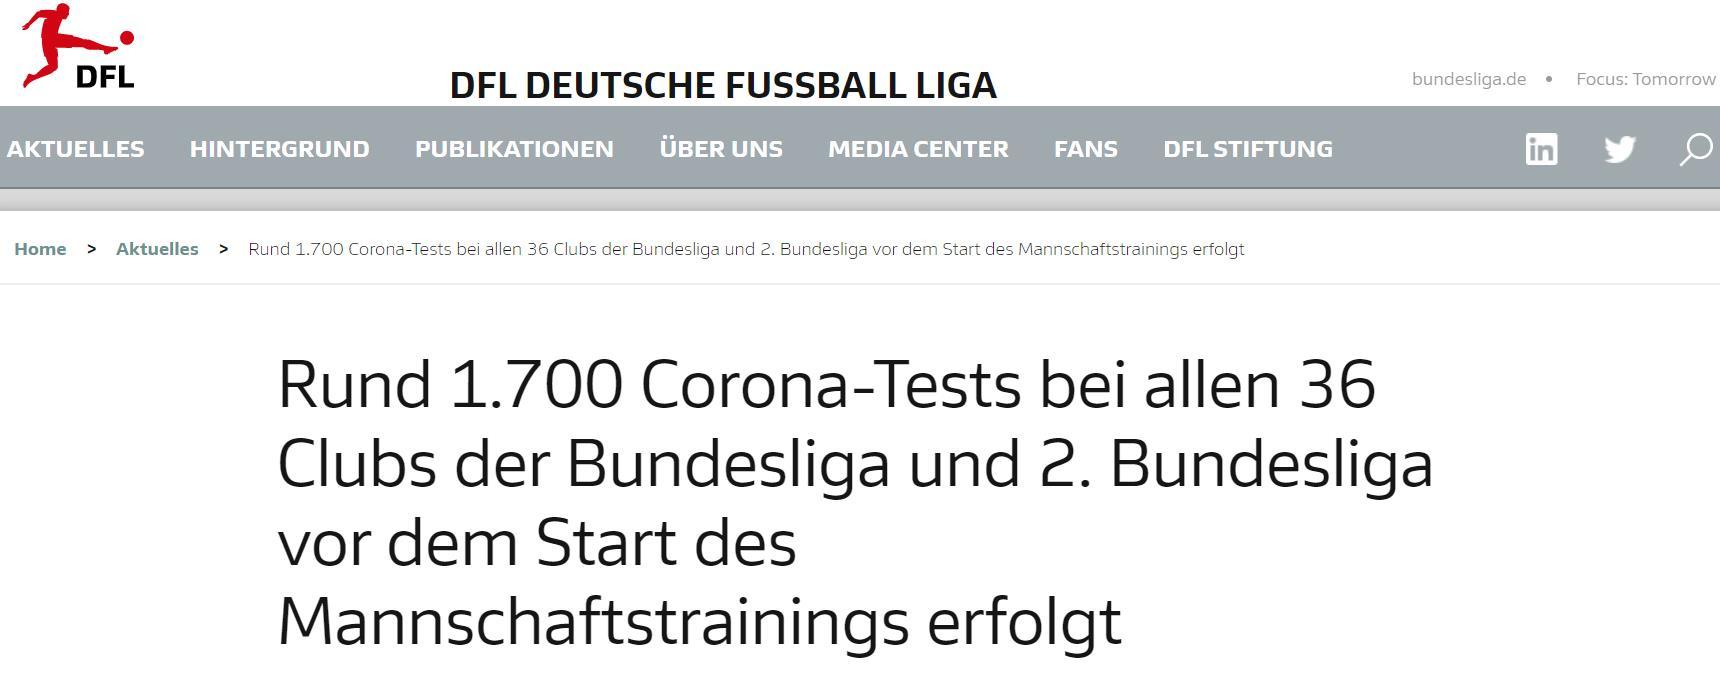 德国足球联盟官网消息